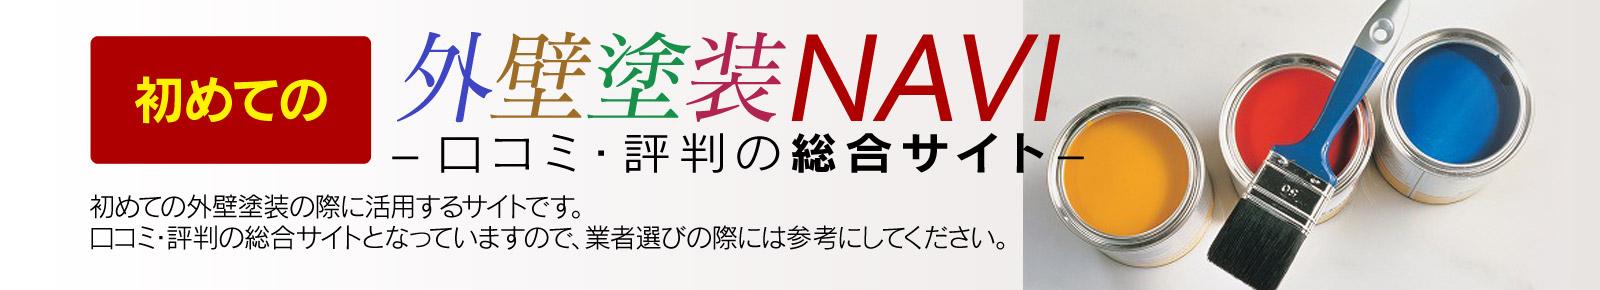 【初めての外壁塗装NAVI】口コミ・評判の総合サイト